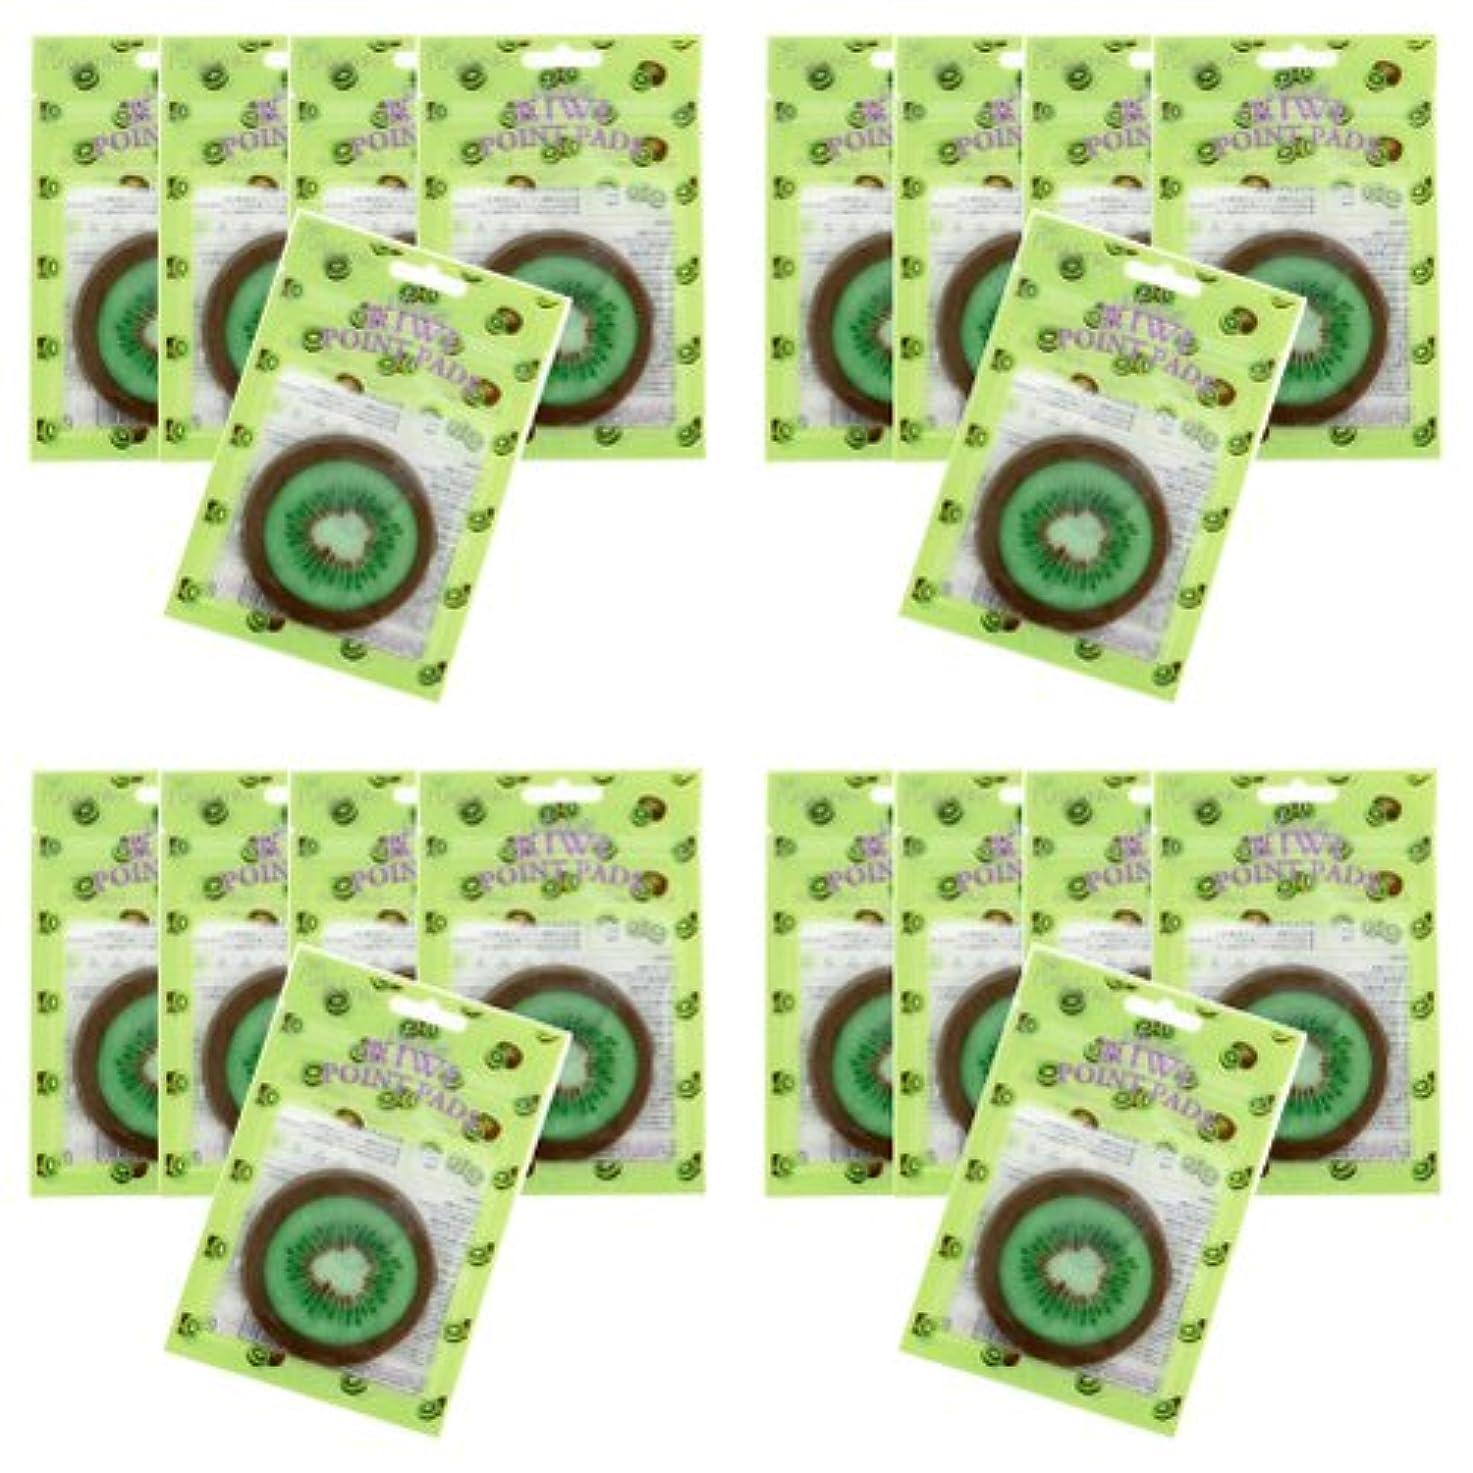 ホースバスト鰐ピュアスマイル ジューシーポイントパッド キウィ20パックセット(1パック10枚入 合計200枚)